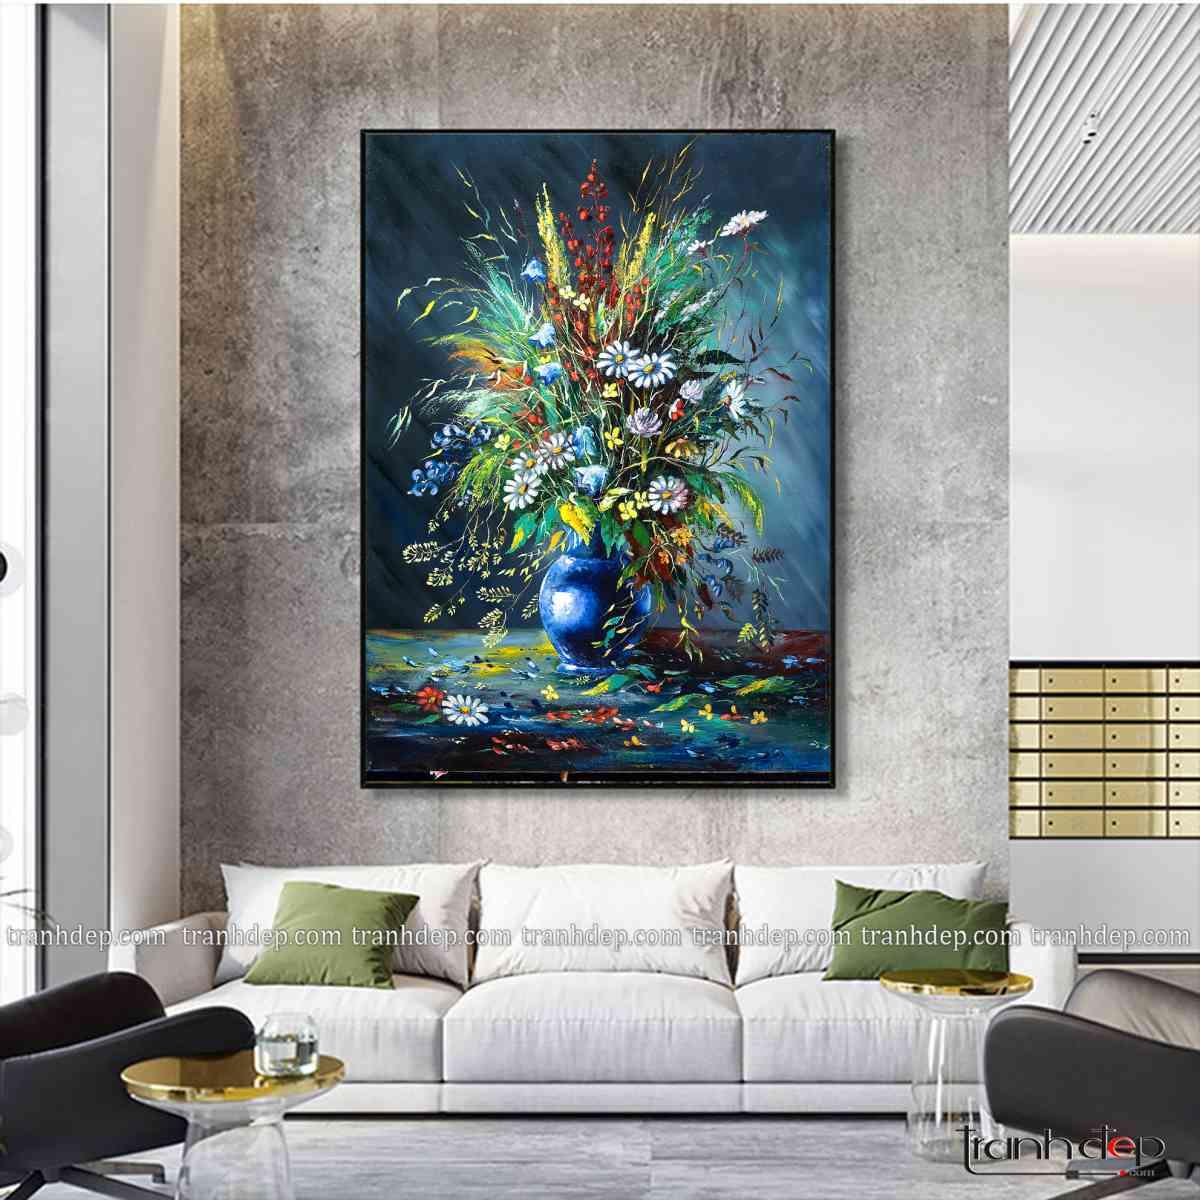 Bức tranh thích hợp trang trí phòng khách, mang đến vẻ đẹp hiện đại